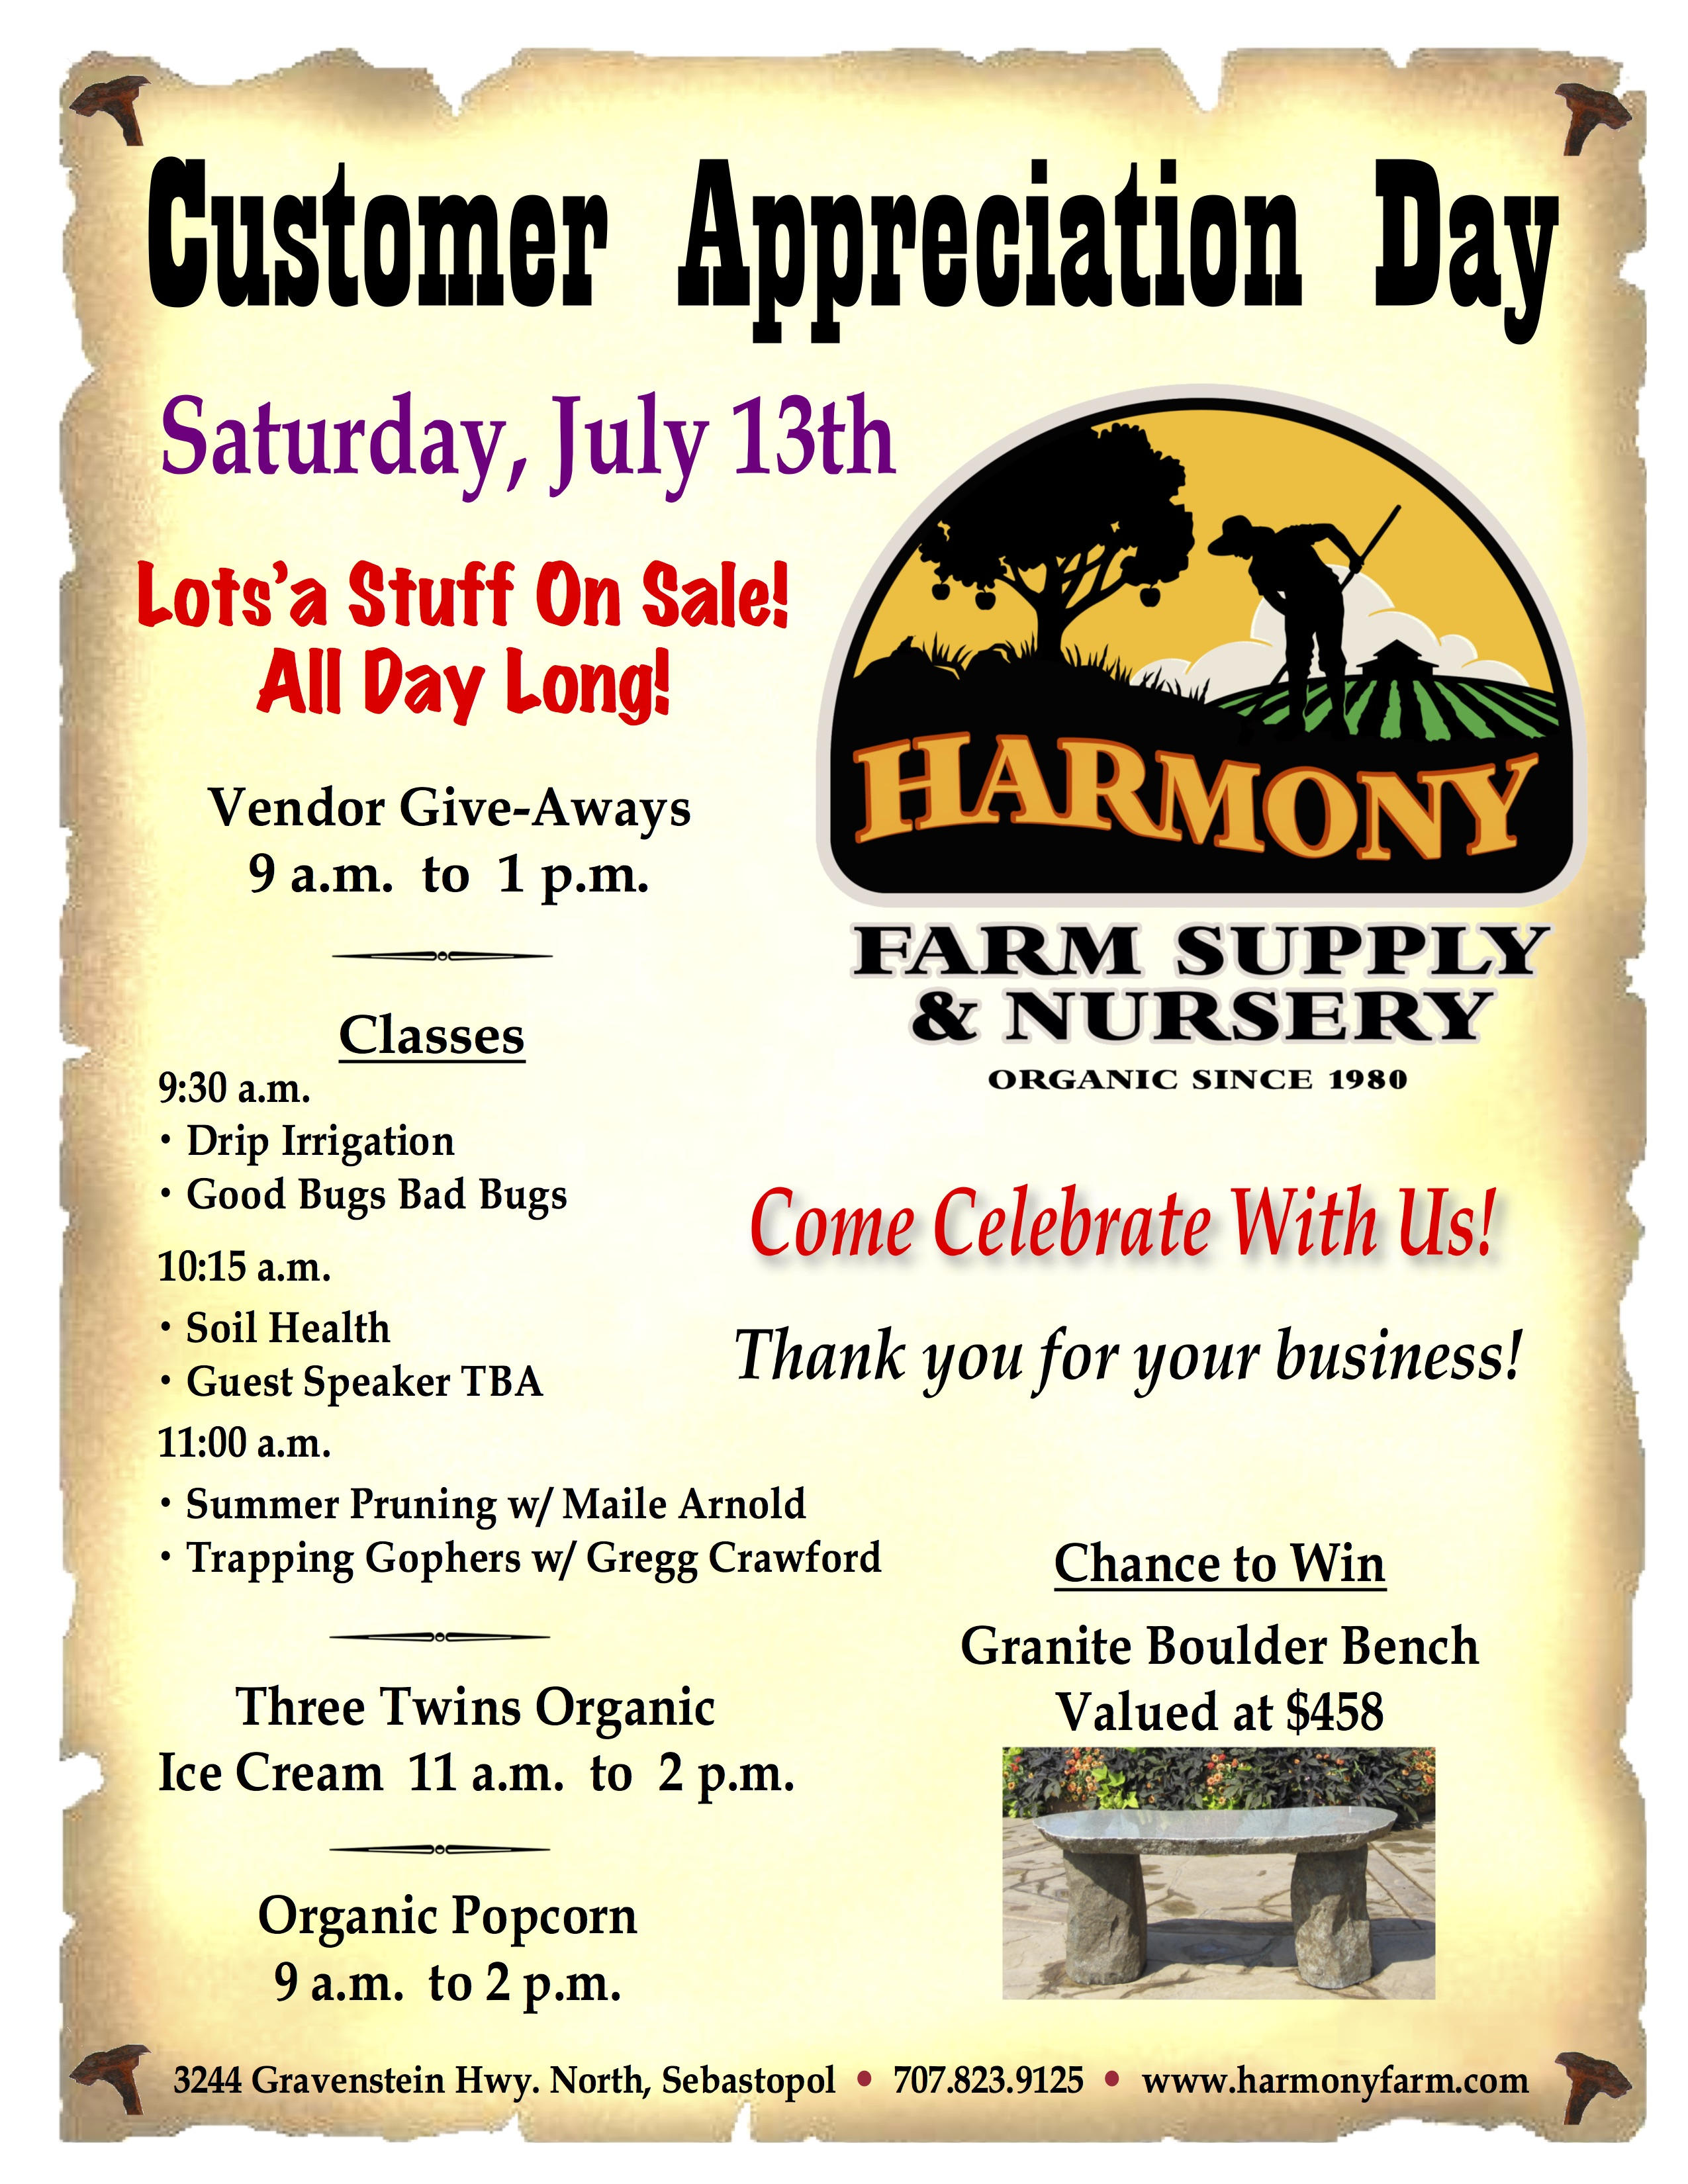 customer-appreciation-day-poster-july-2019.jpg